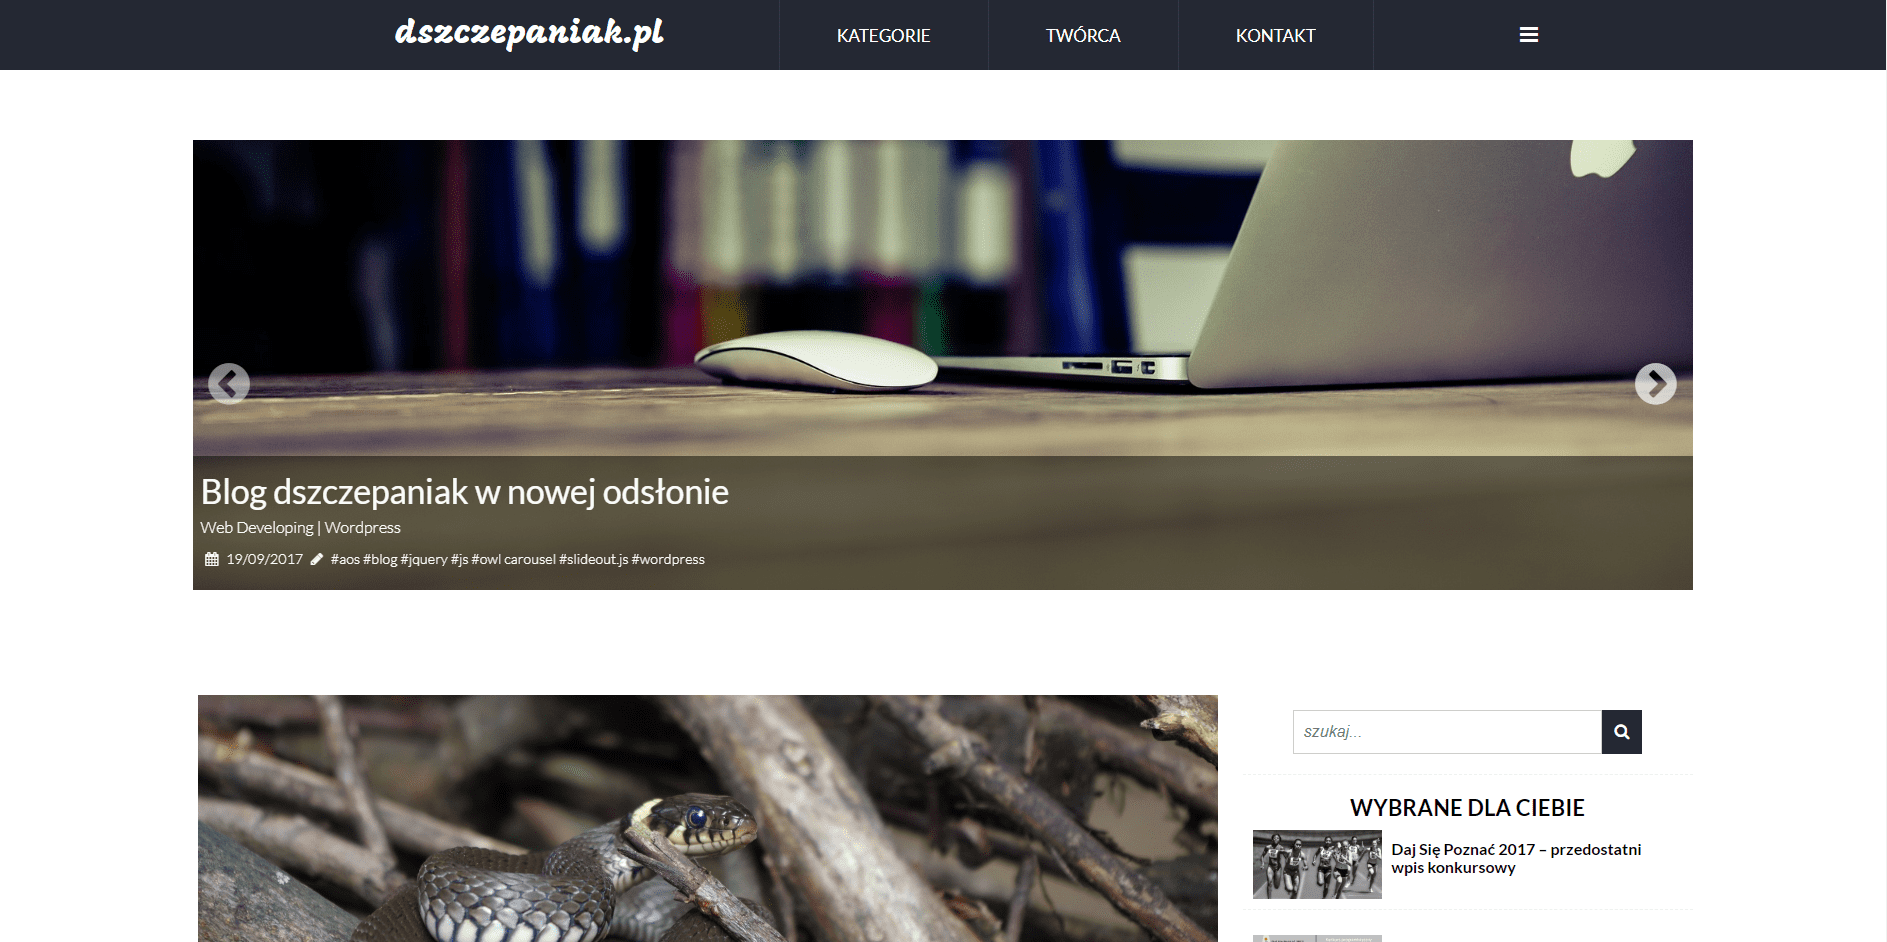 Case study bloga - pierwszy własny layout